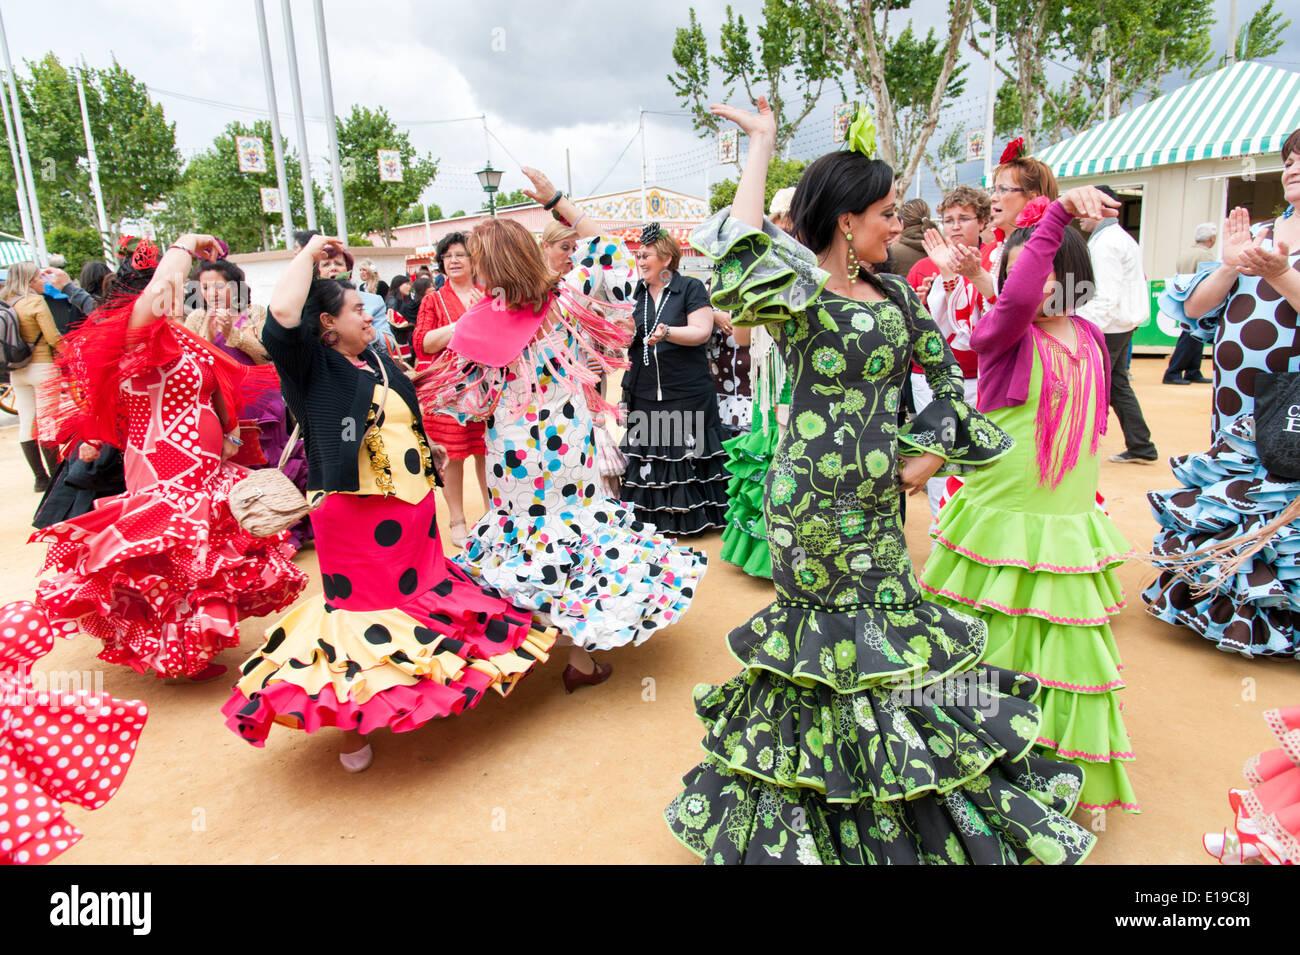 Le donne in colorati abiti di flamenco dancing a Siviglia fiera di aprile, Spagna Foto Stock